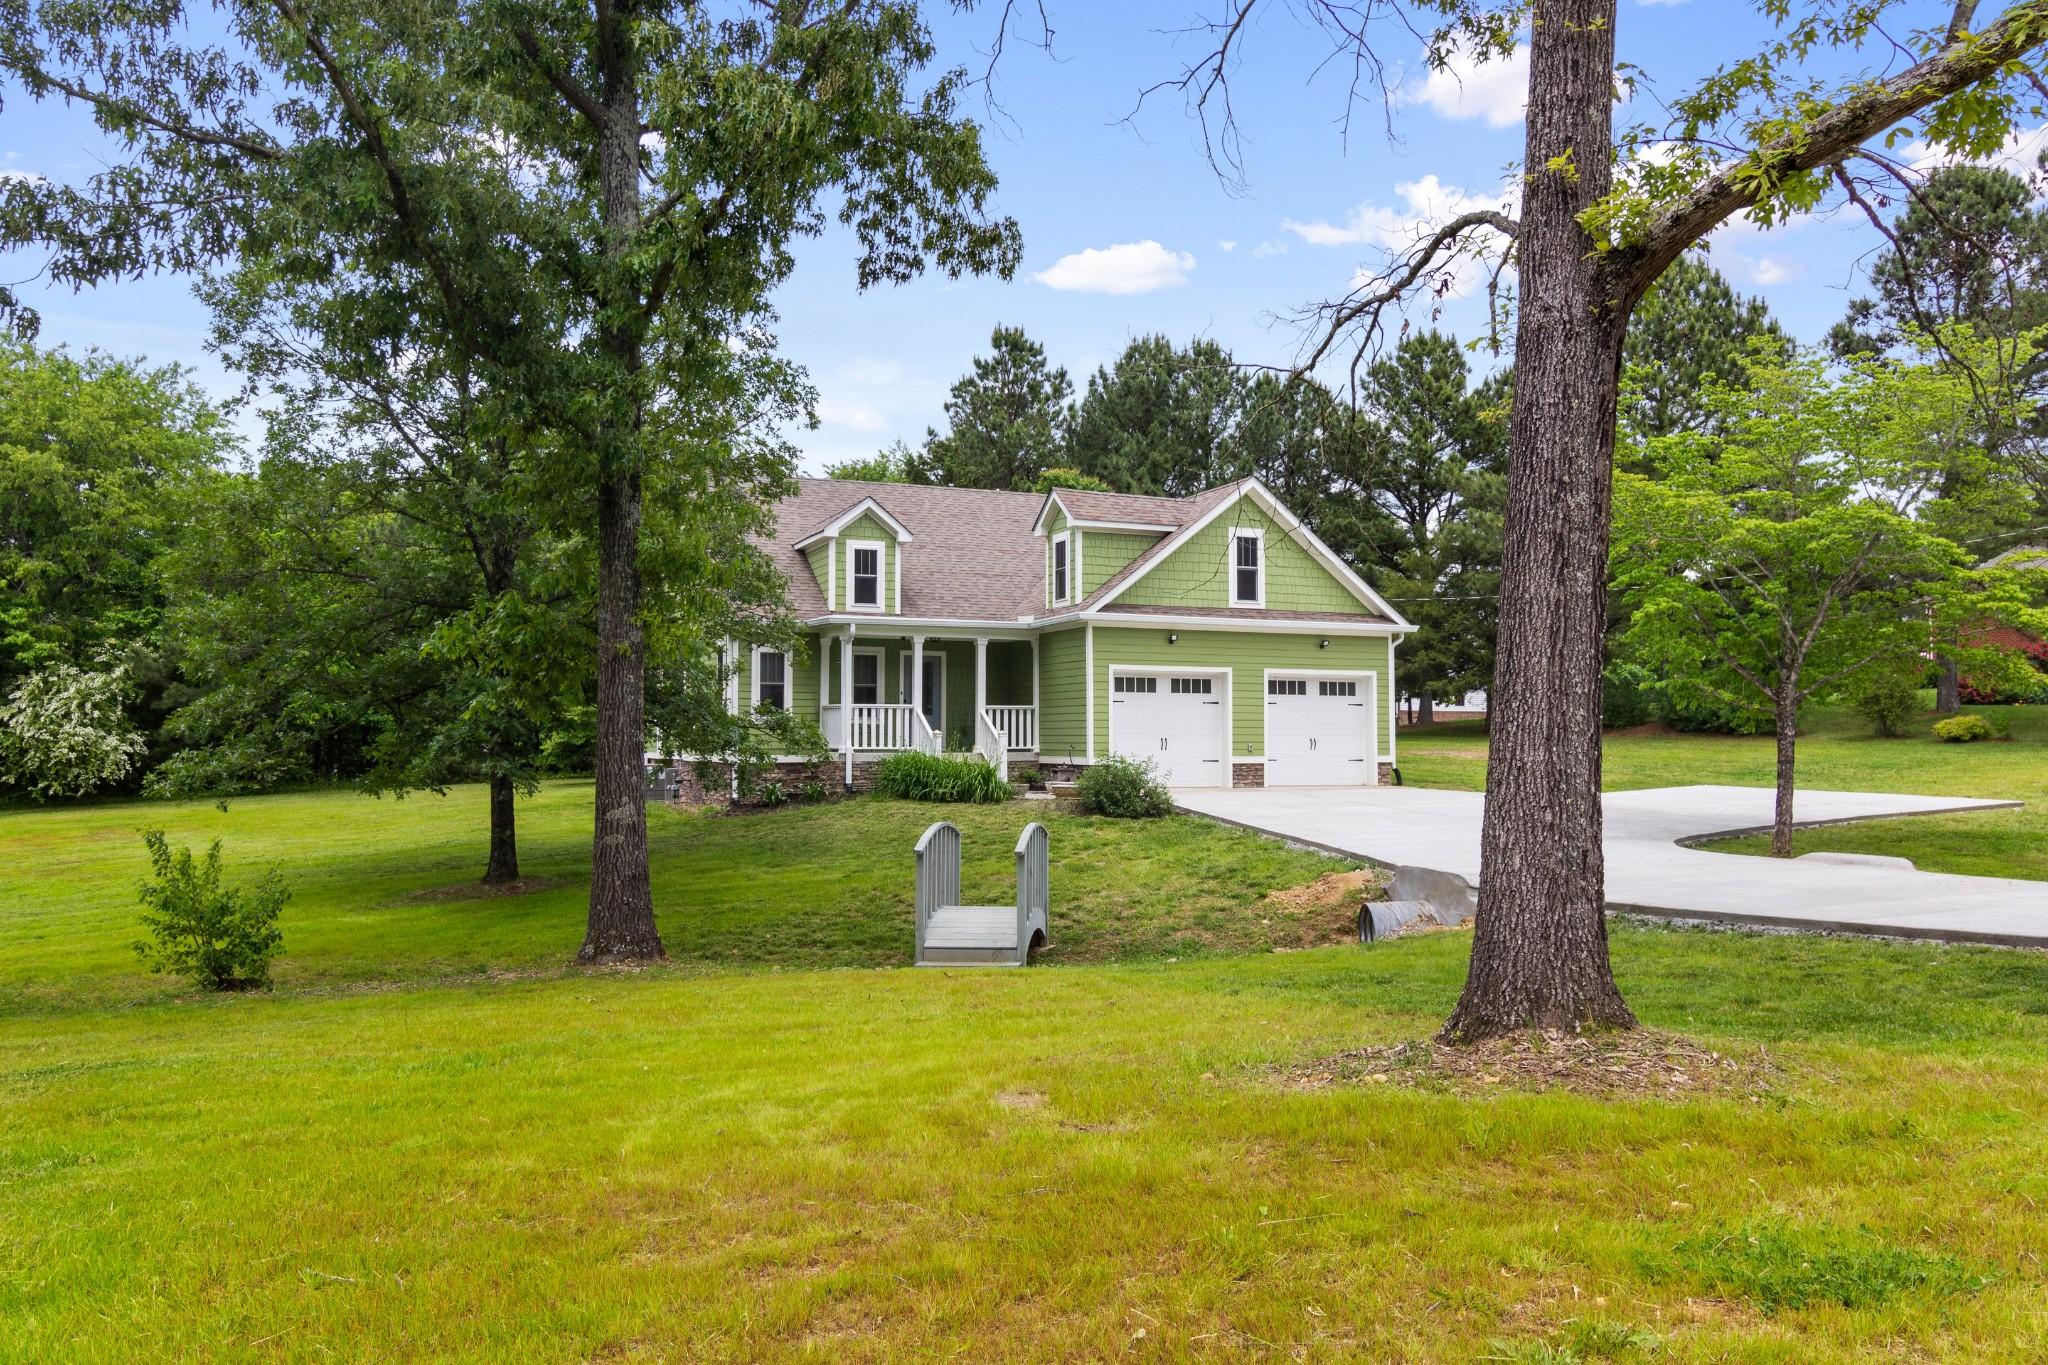 9850 Dogwood Dr Property Photo